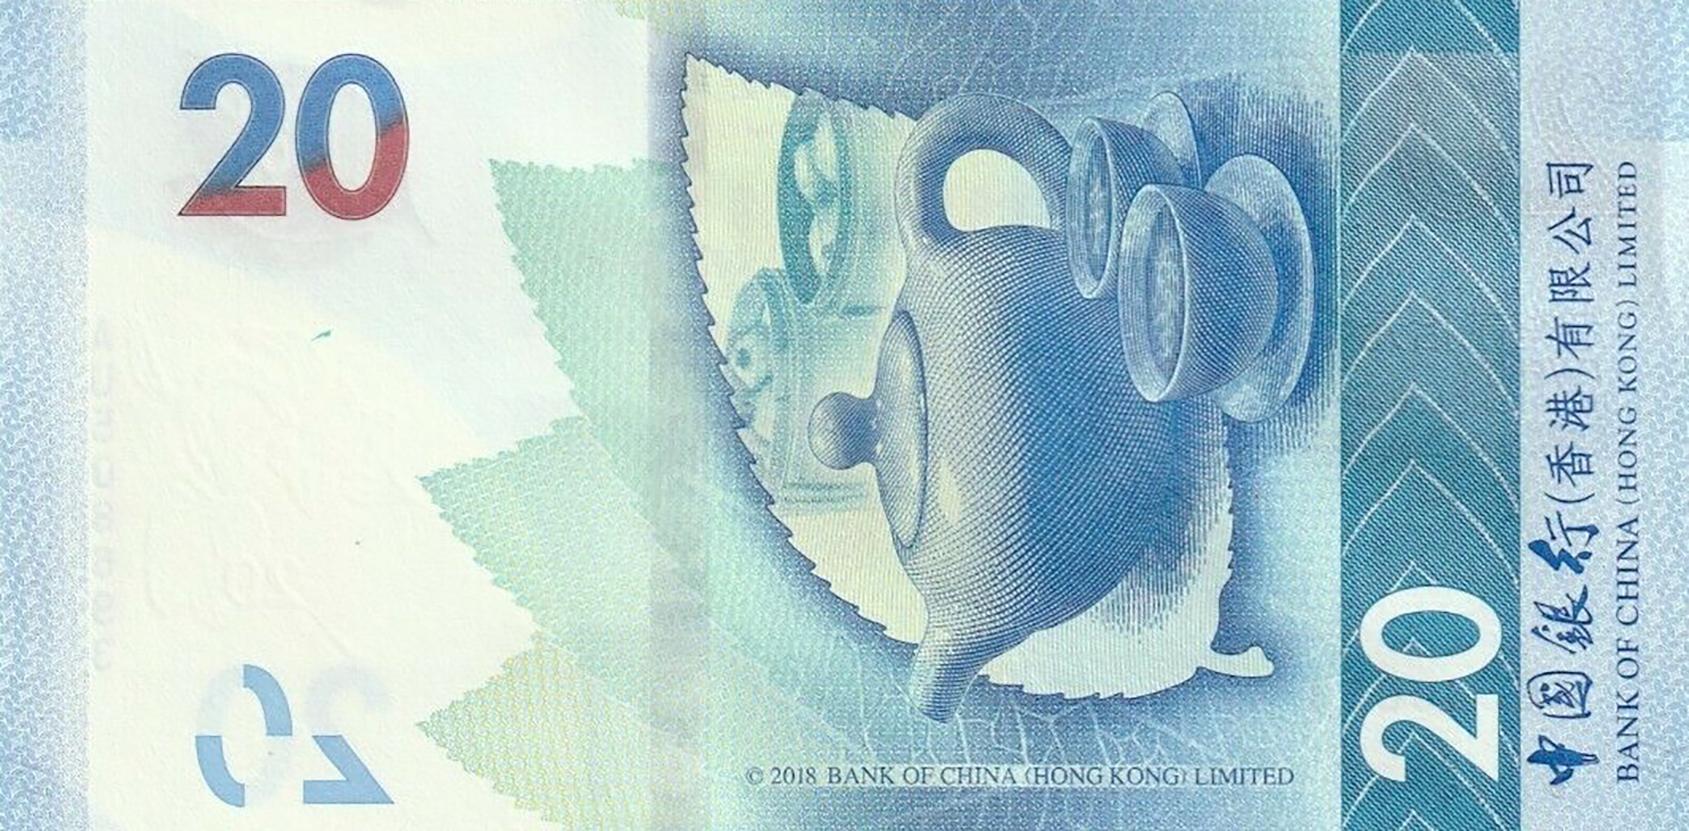 Hong Kong S Bank Of China New 20 Dollar Note B921a